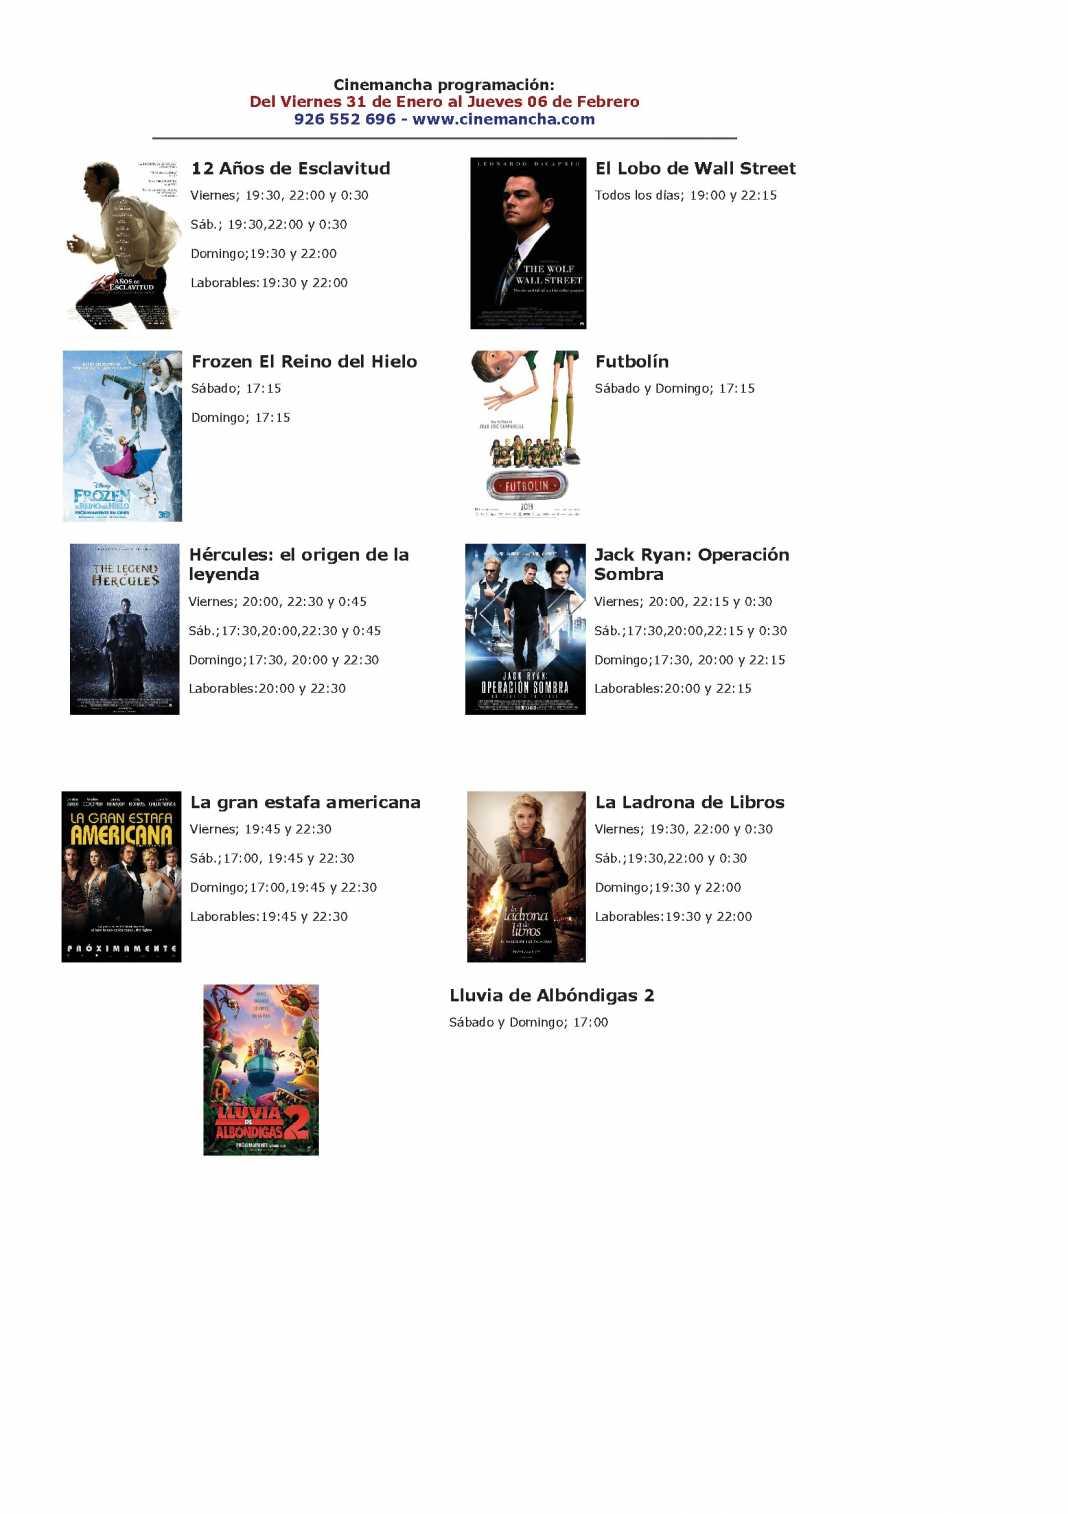 cartelera de multicines cinemancha del 31 de enero al 06 de febrero 1068x1514 - Programación Cinemancha del 31 de enero al jueves 6 de febrero.